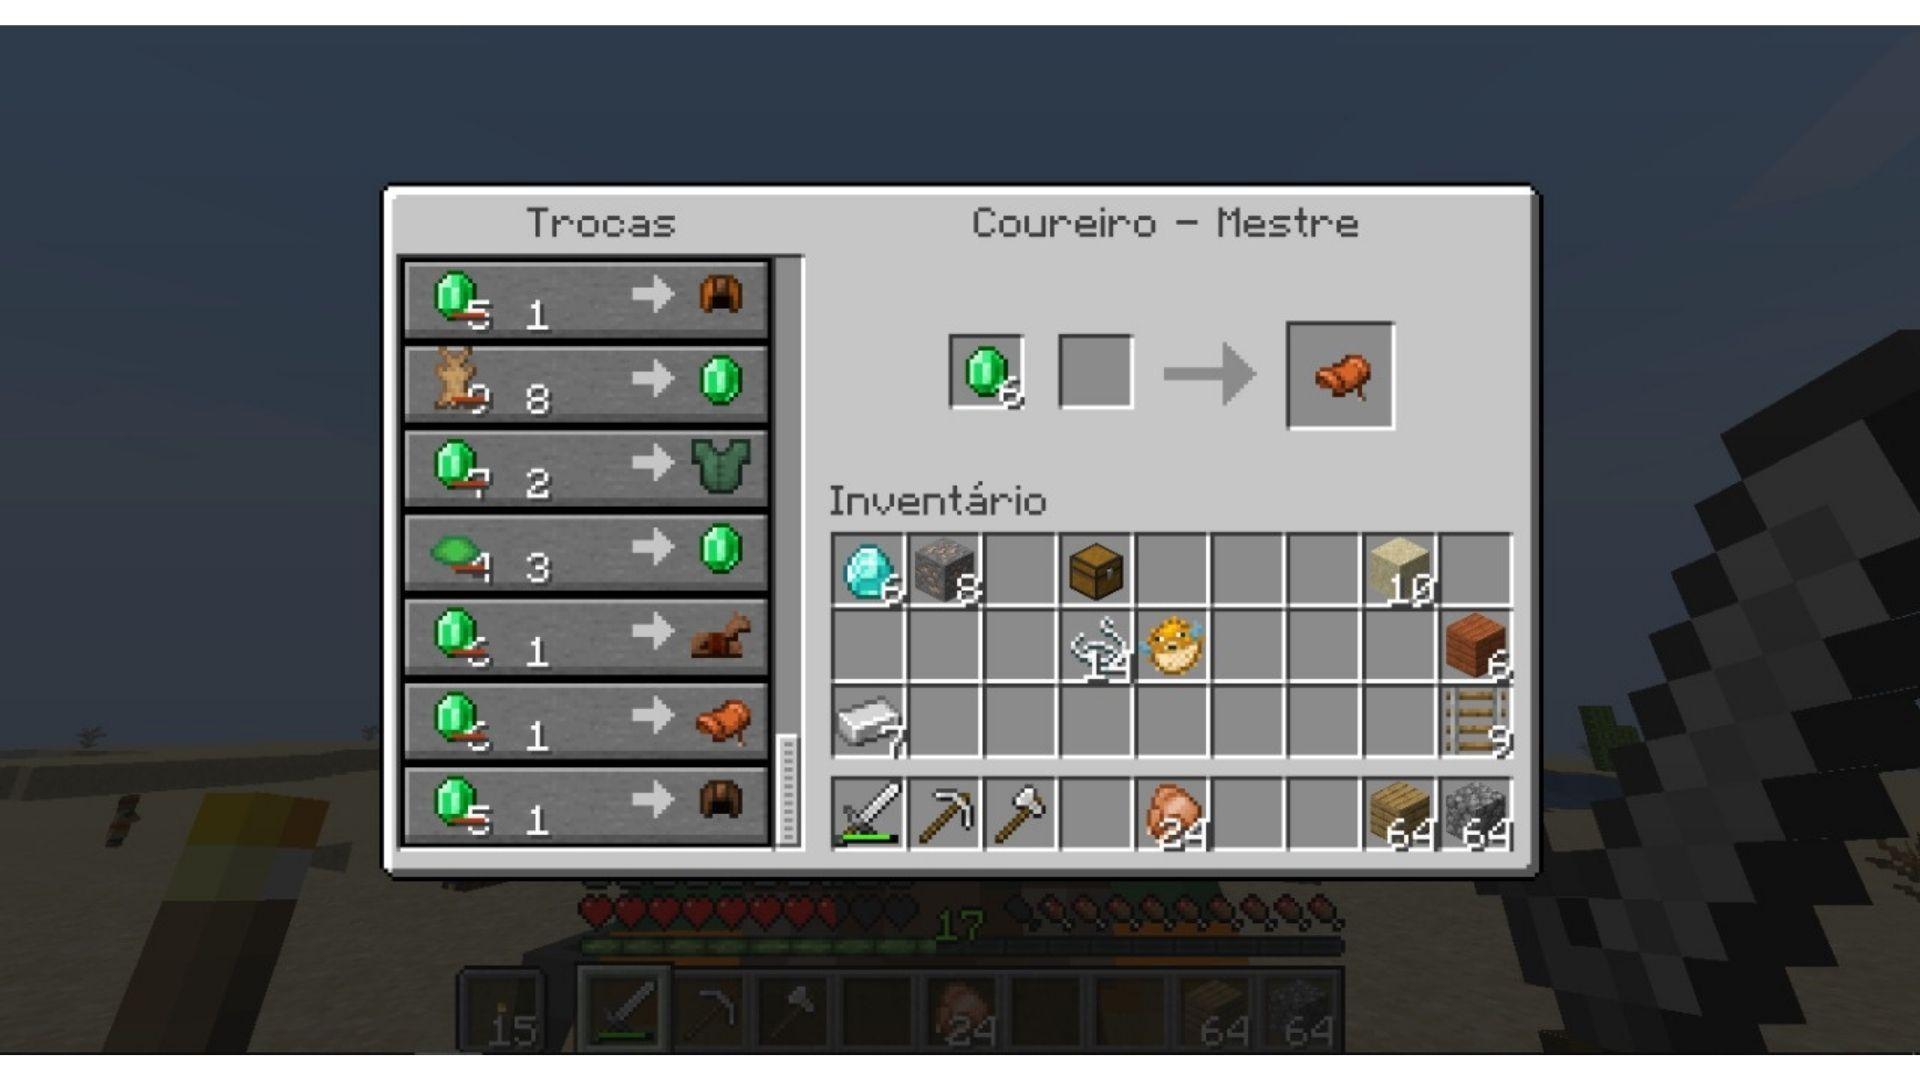 Uma das formas de conseguir uma sela para cavalo no Minecraft é comprando com esmeraldas (Foto: Reprodução/Úrsula Gomes)